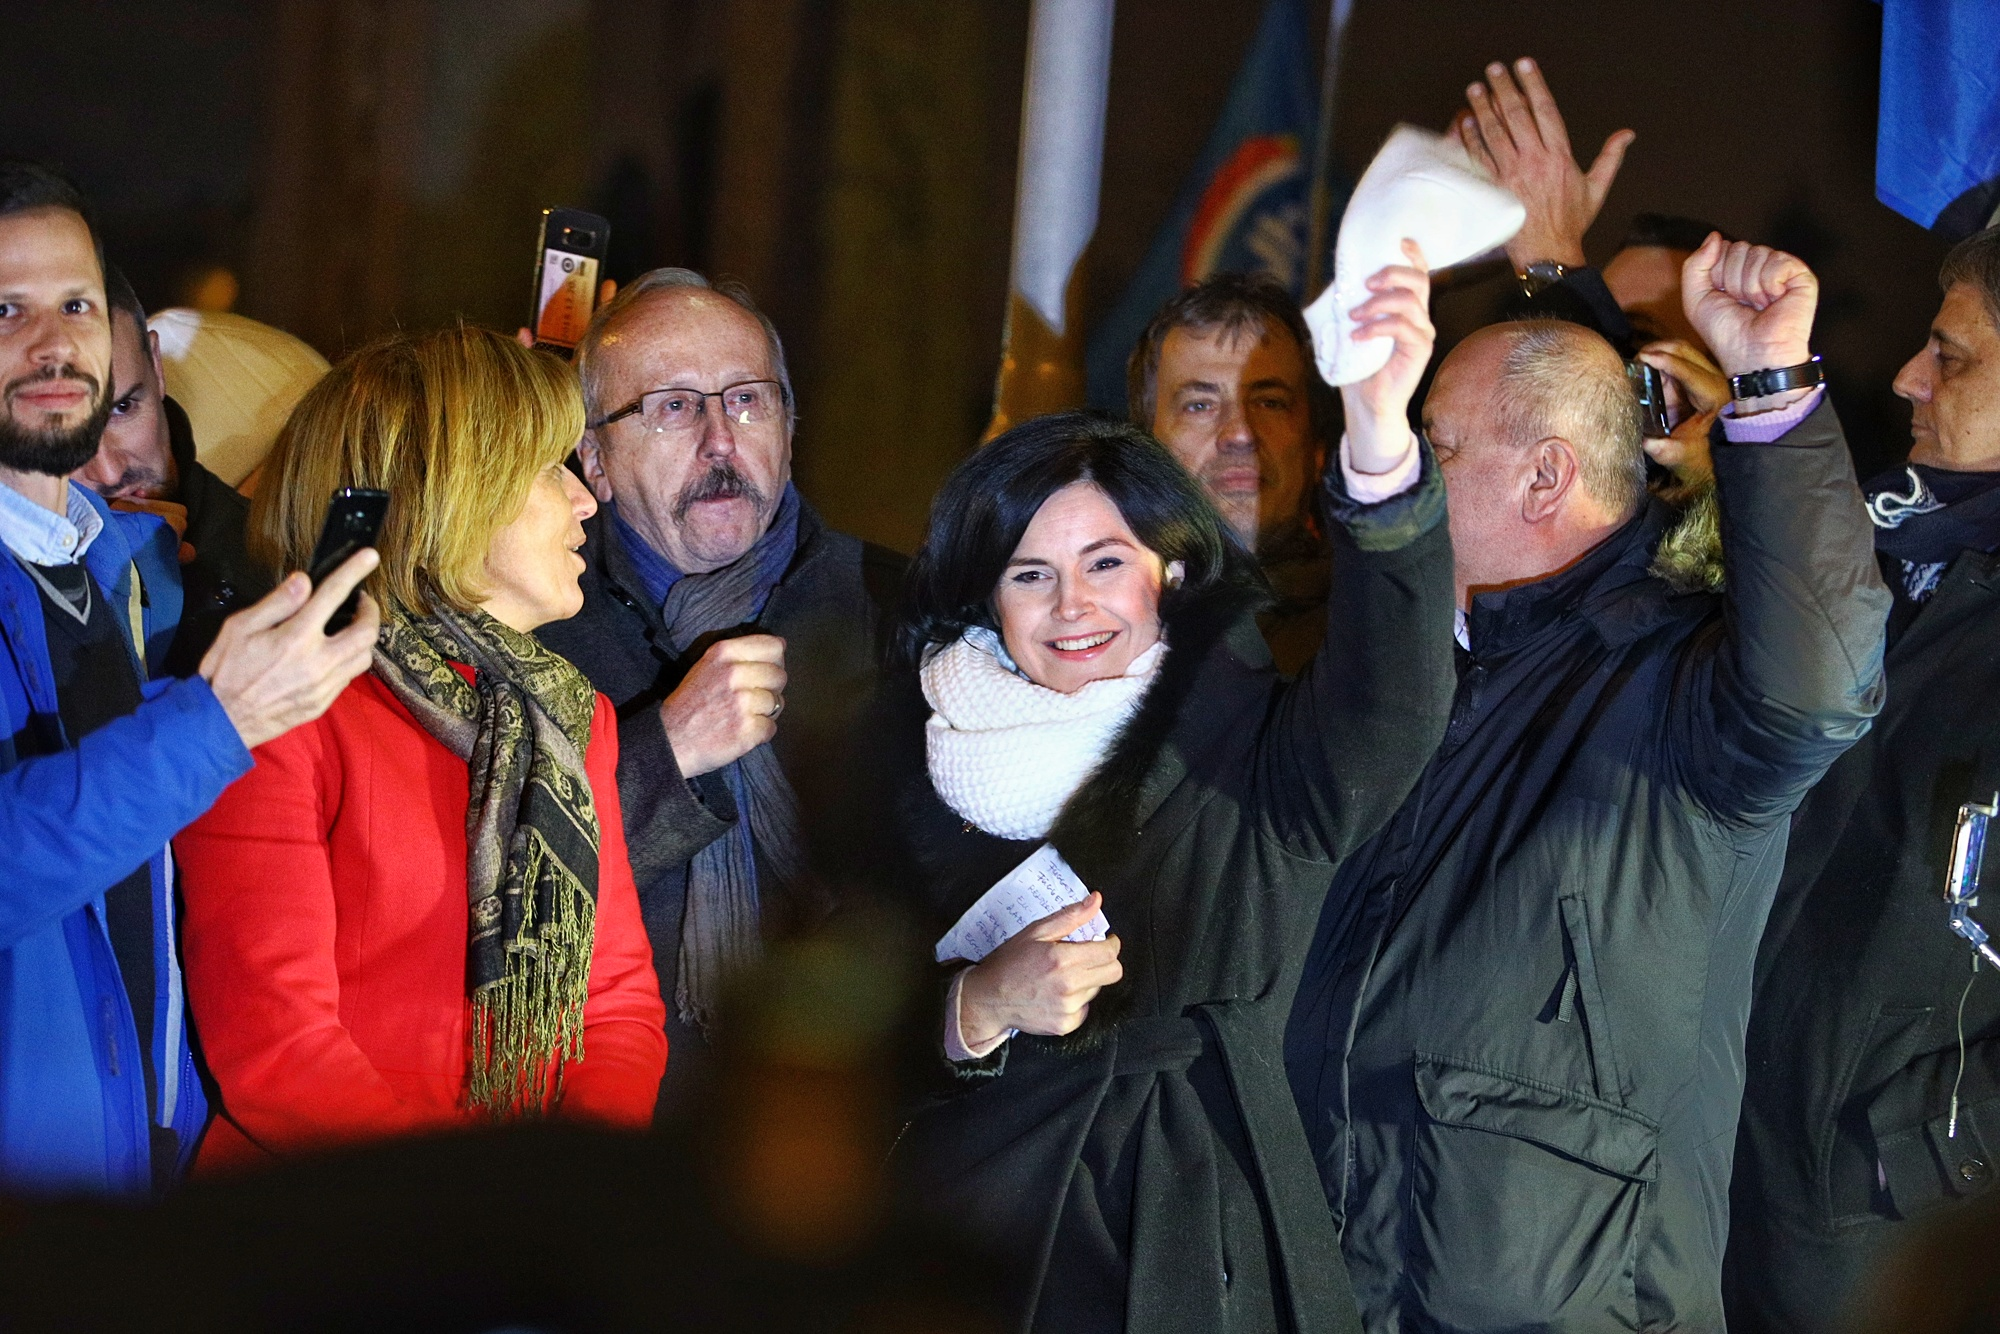 A köztévé biztonsági őrei összehozták az ellenzéki nagykoalíciót